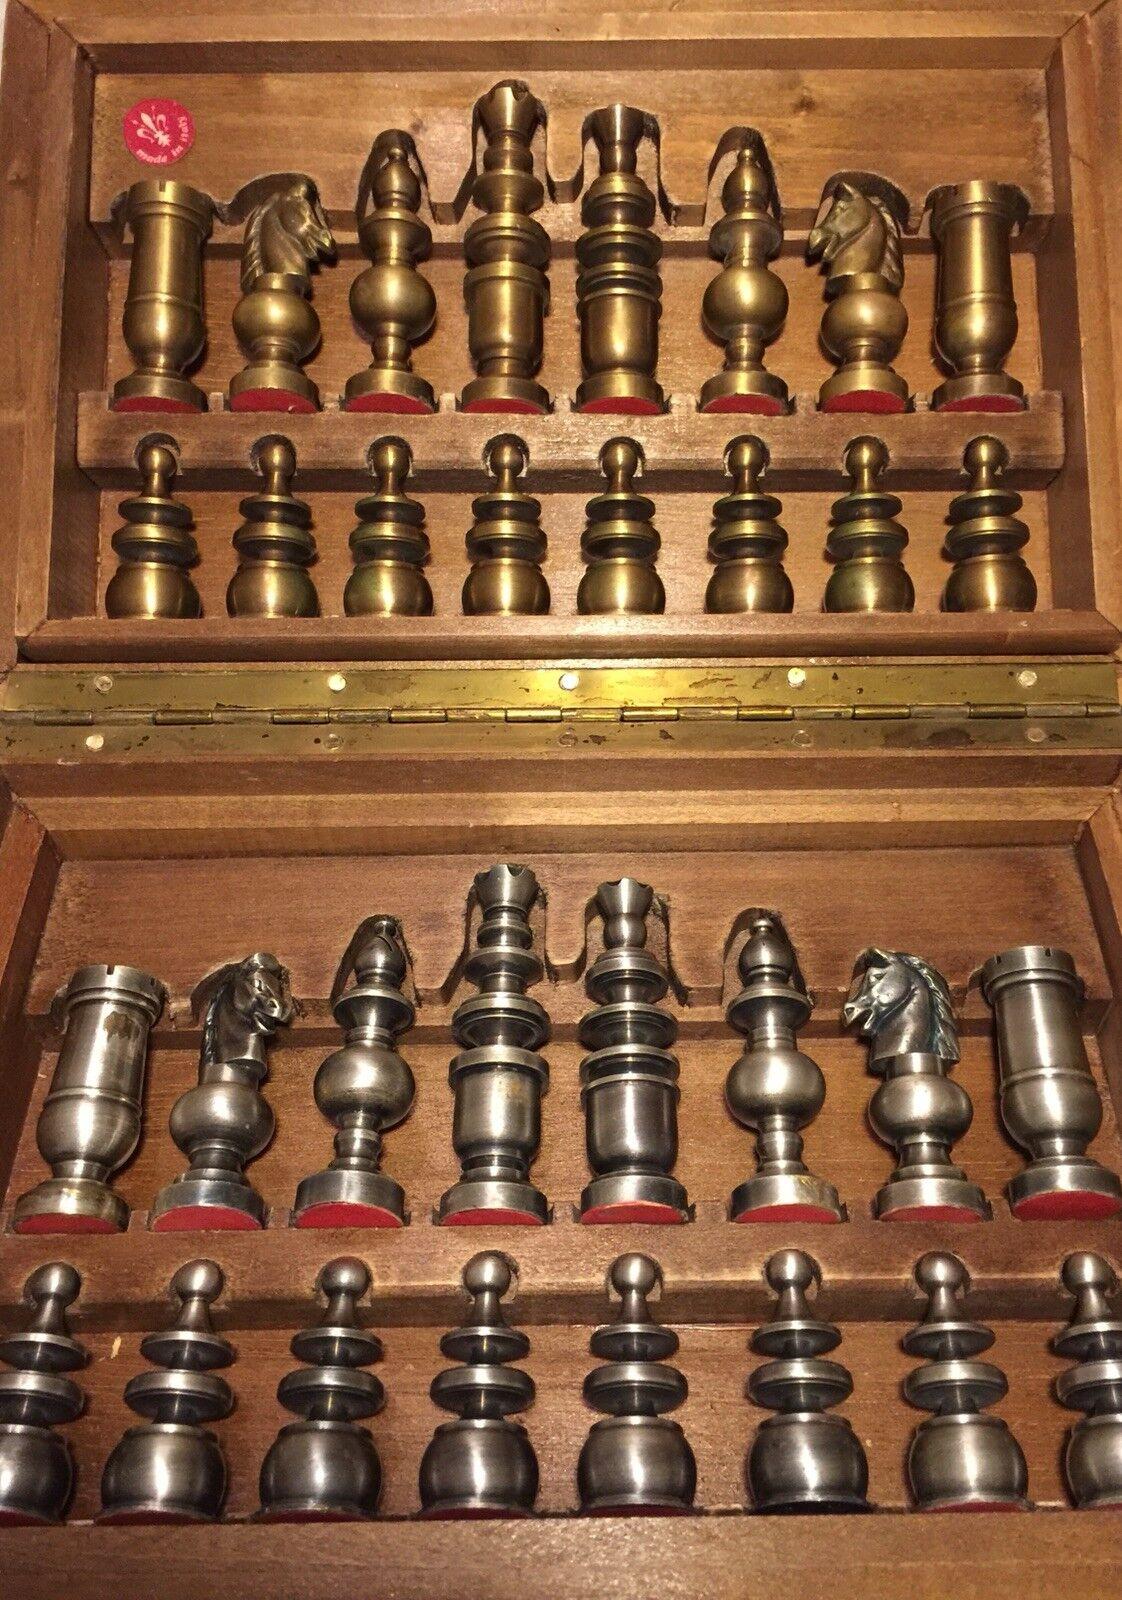 Juego de ajedrez Latón & Estaño 32 piezas vintage con caja de almacenamiento de madera de 3.75 de Alto Rey